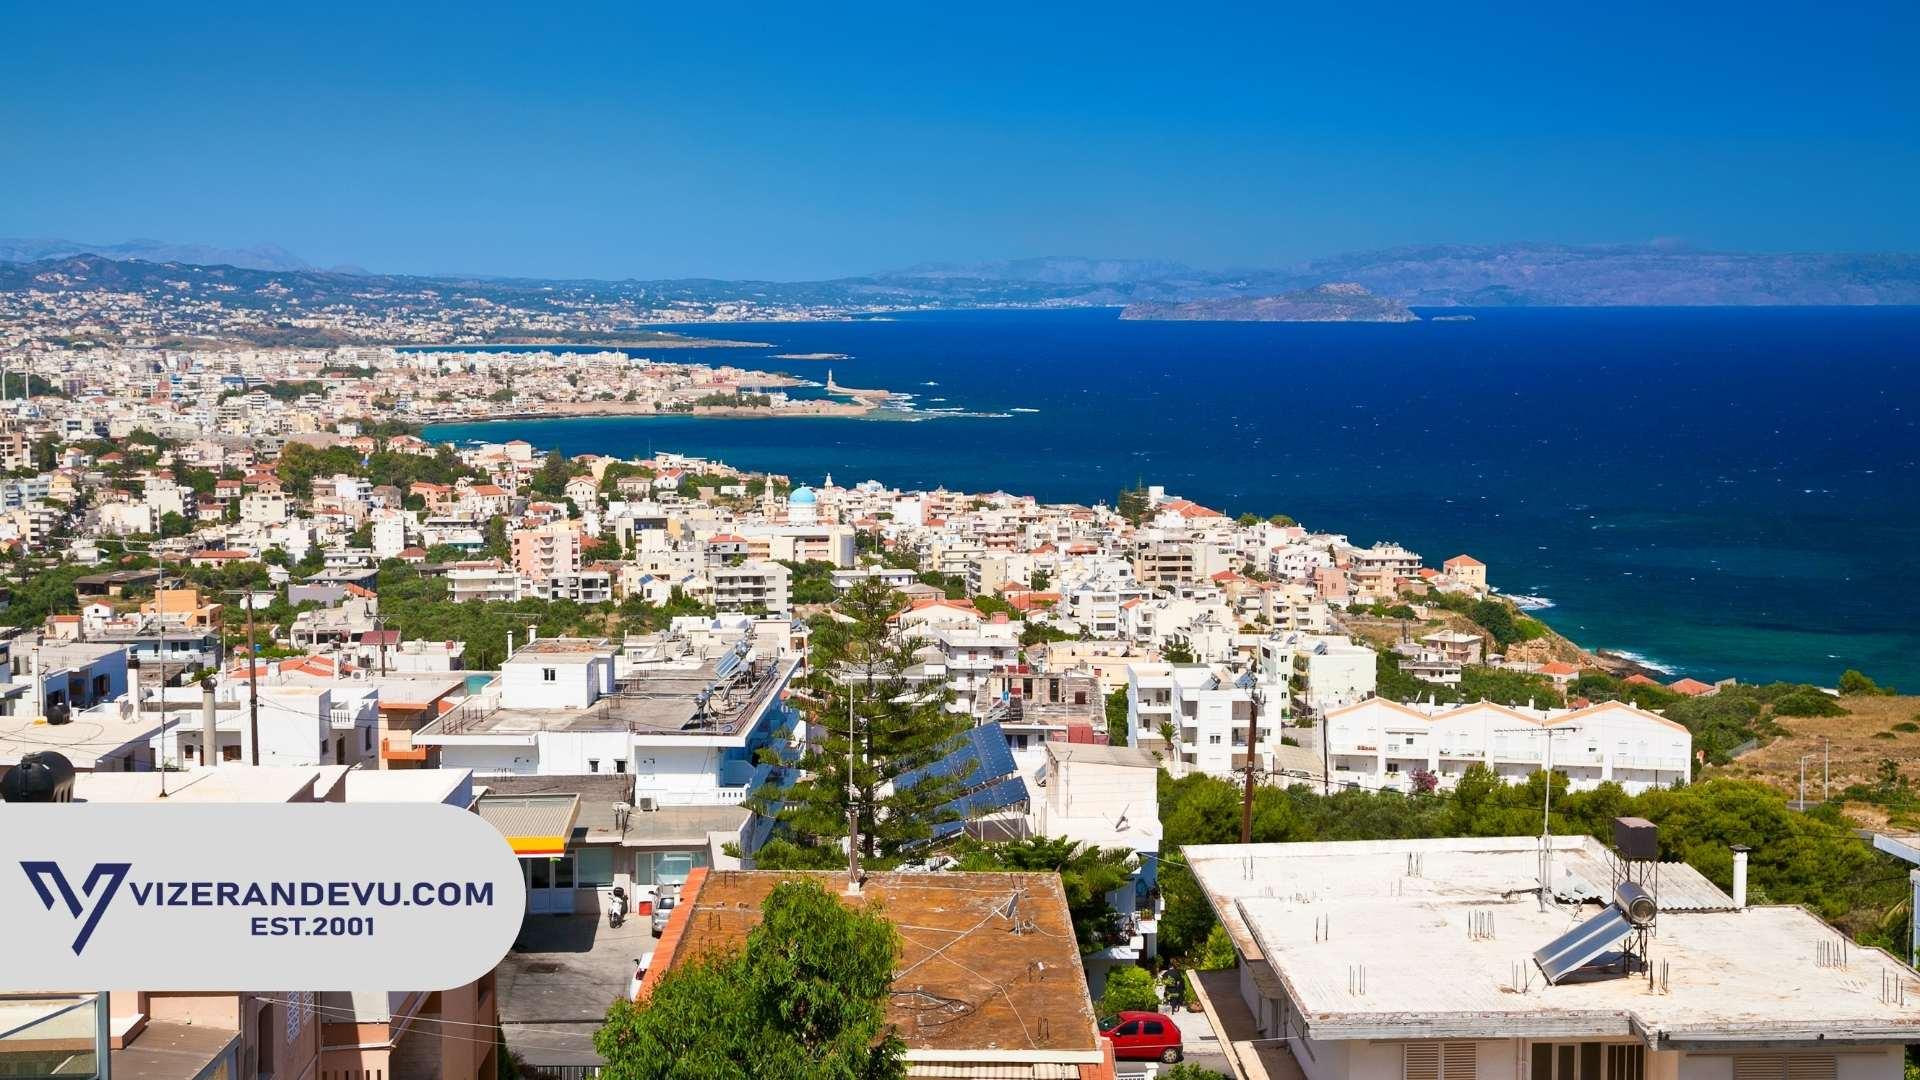 Yunanistan Kapıda - Limanda Vize İmkanı